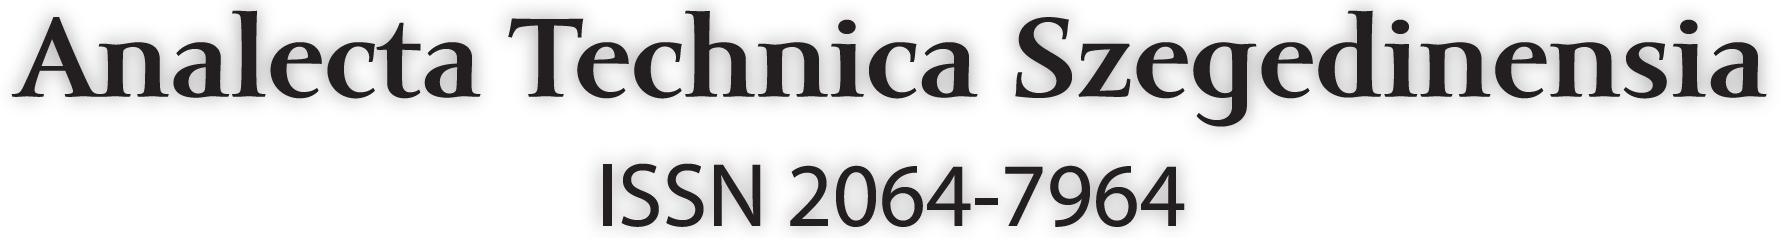 Analecta logo